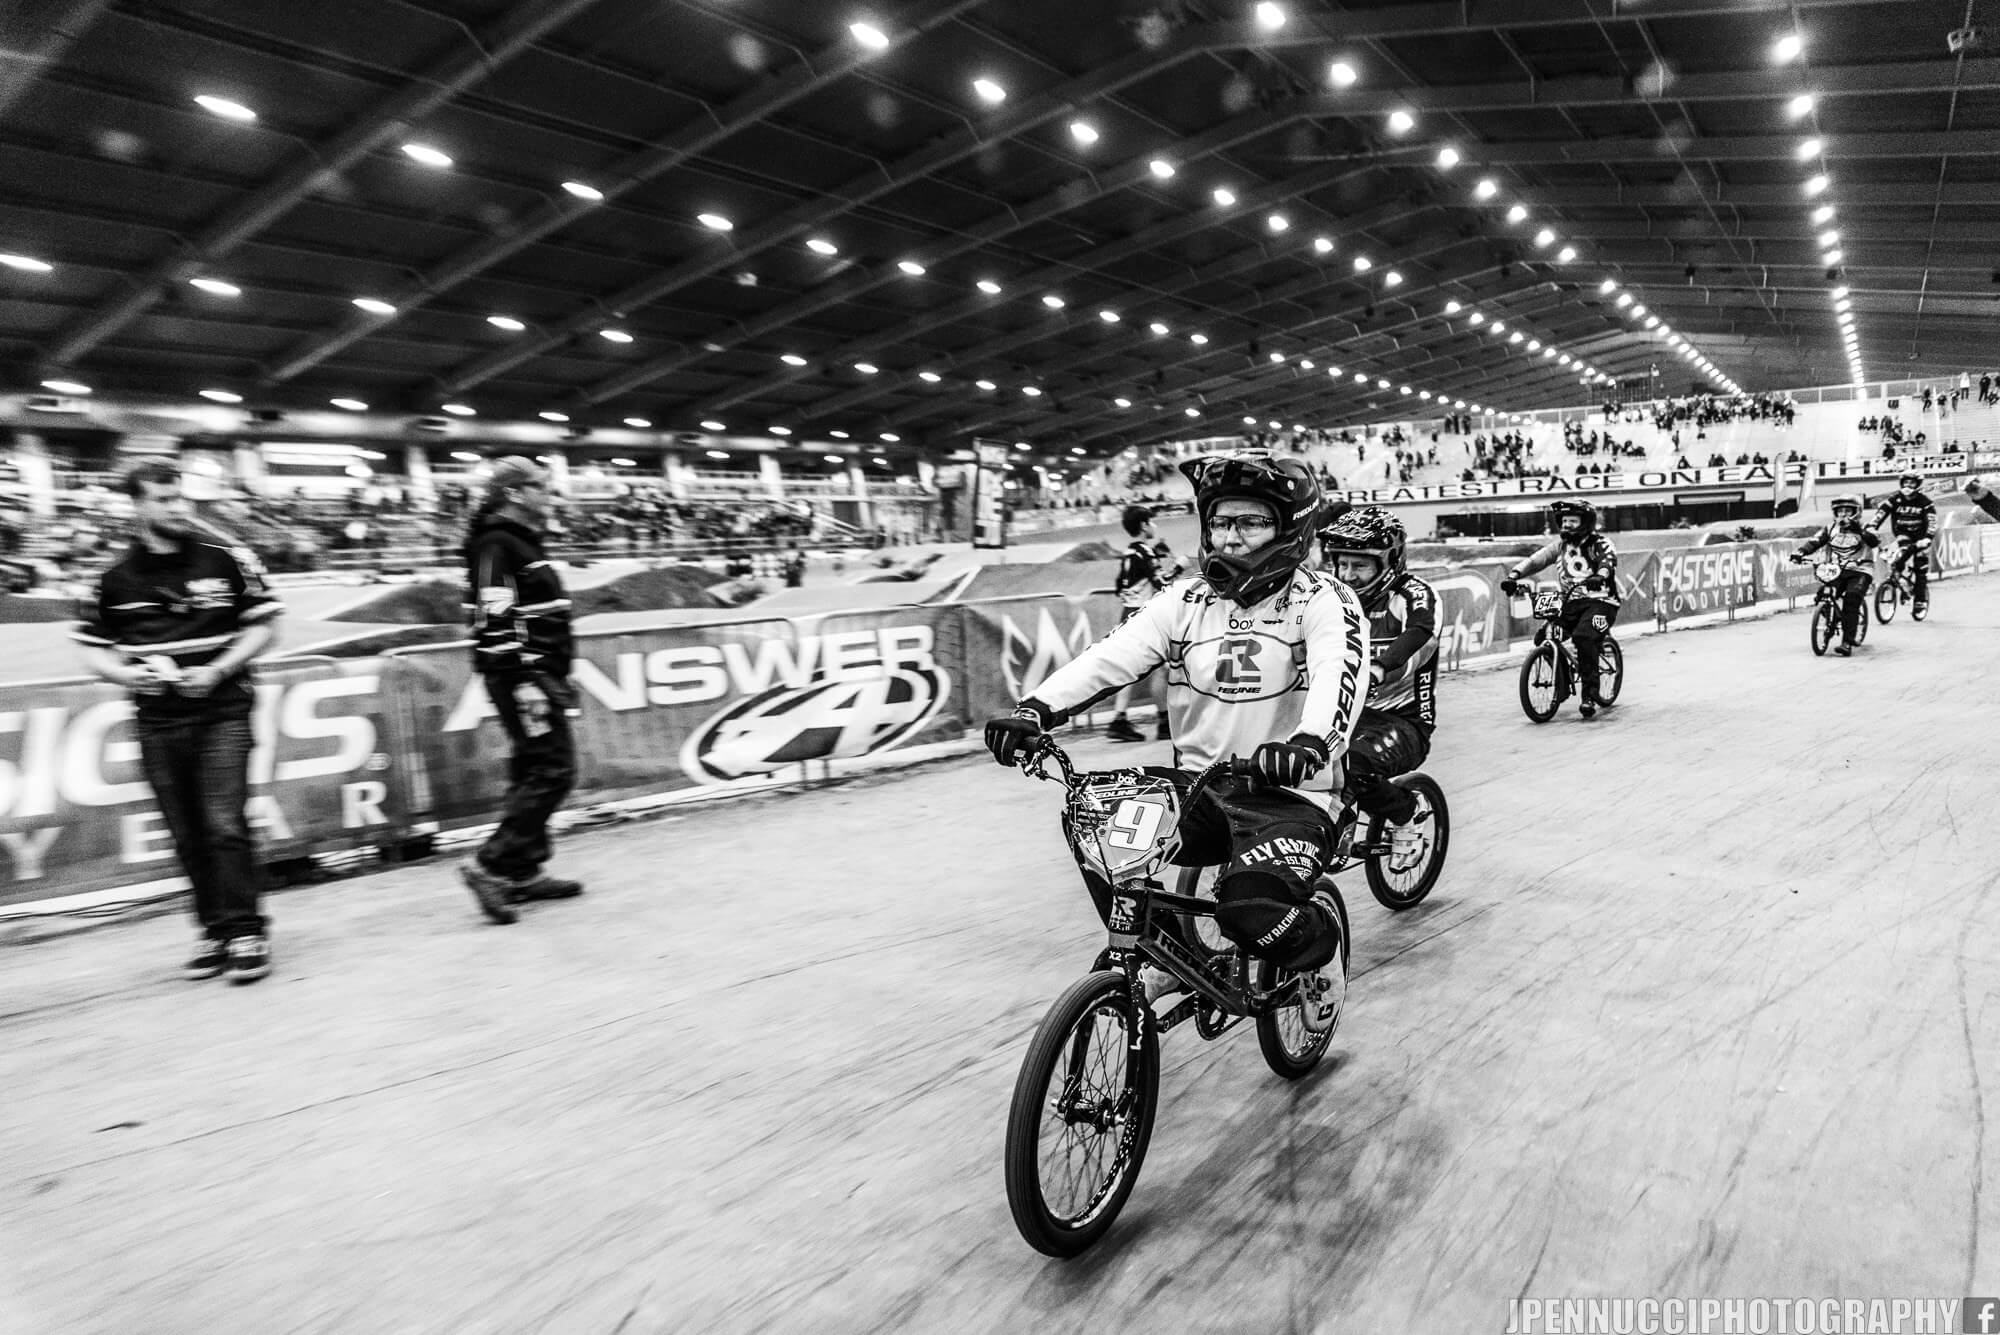 USA BMX Grands 2018 - Eric Rupe - 51x winner - JPennucci Photography